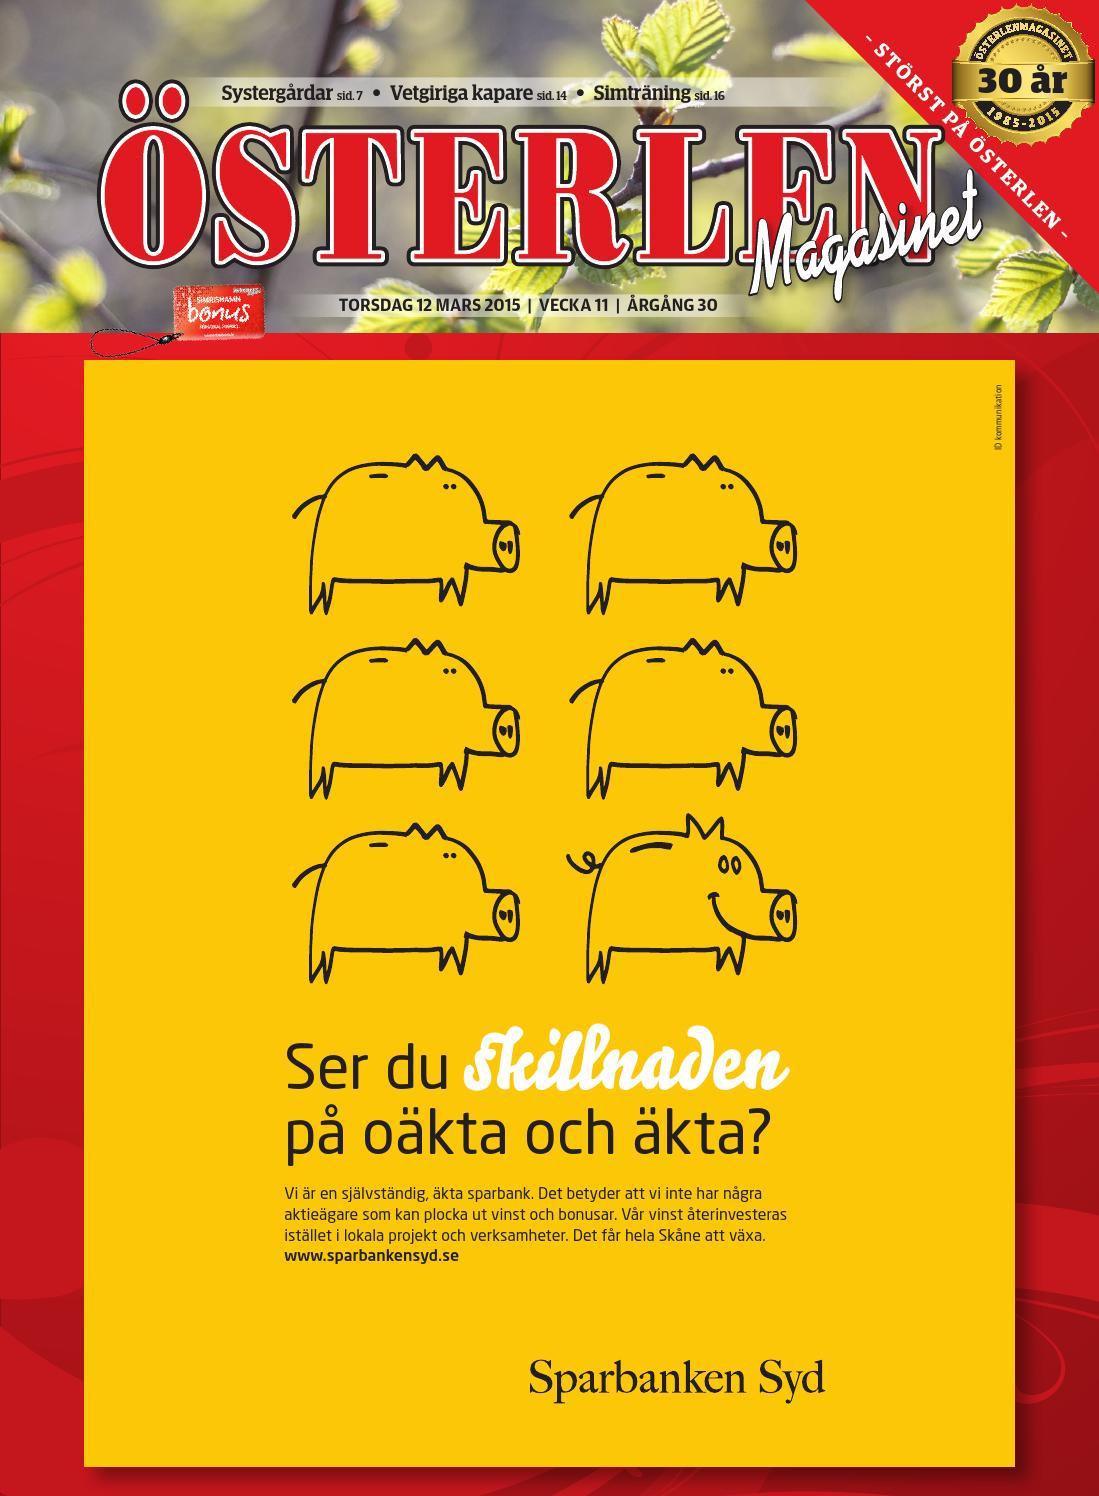 Ramssa - Tomelillabygdens frsamling - Svenska kyrkan